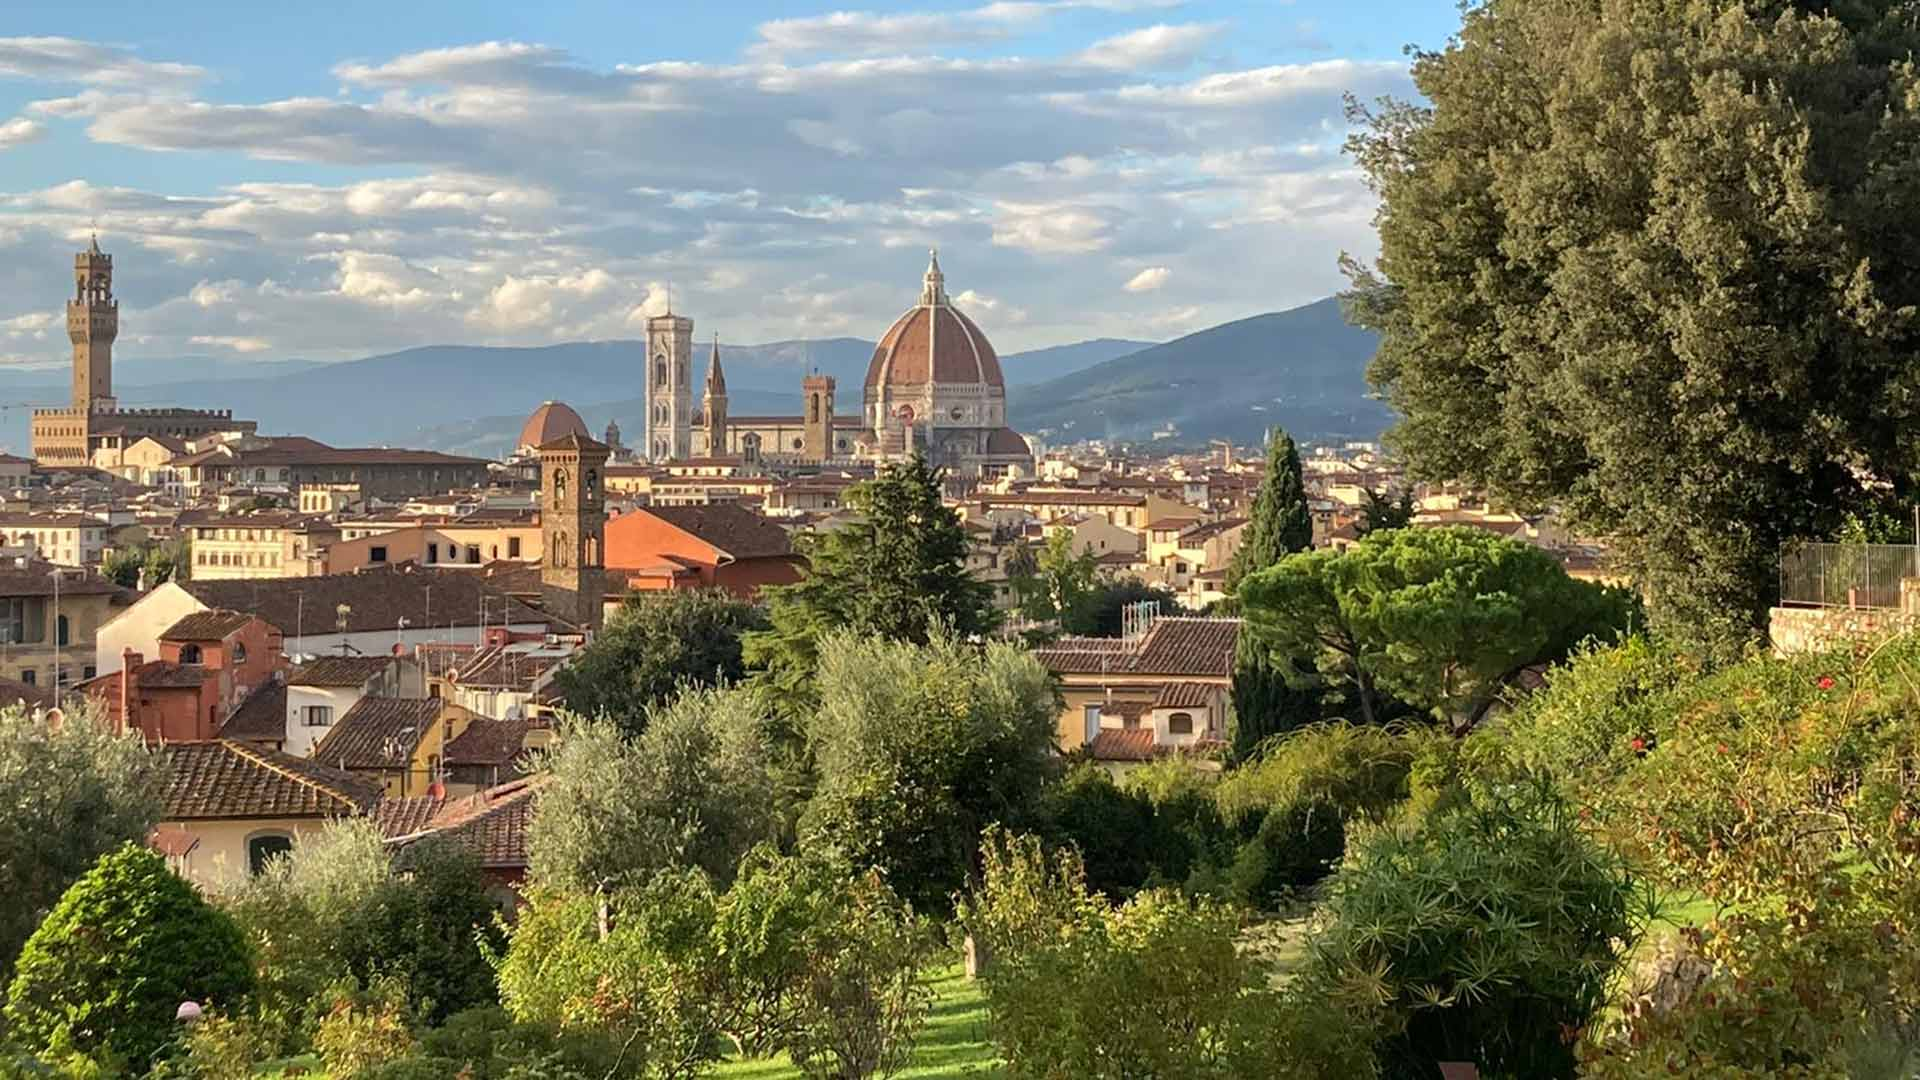 Piazzale Michelangelo in Florenz: Sehenswürdigkeiten